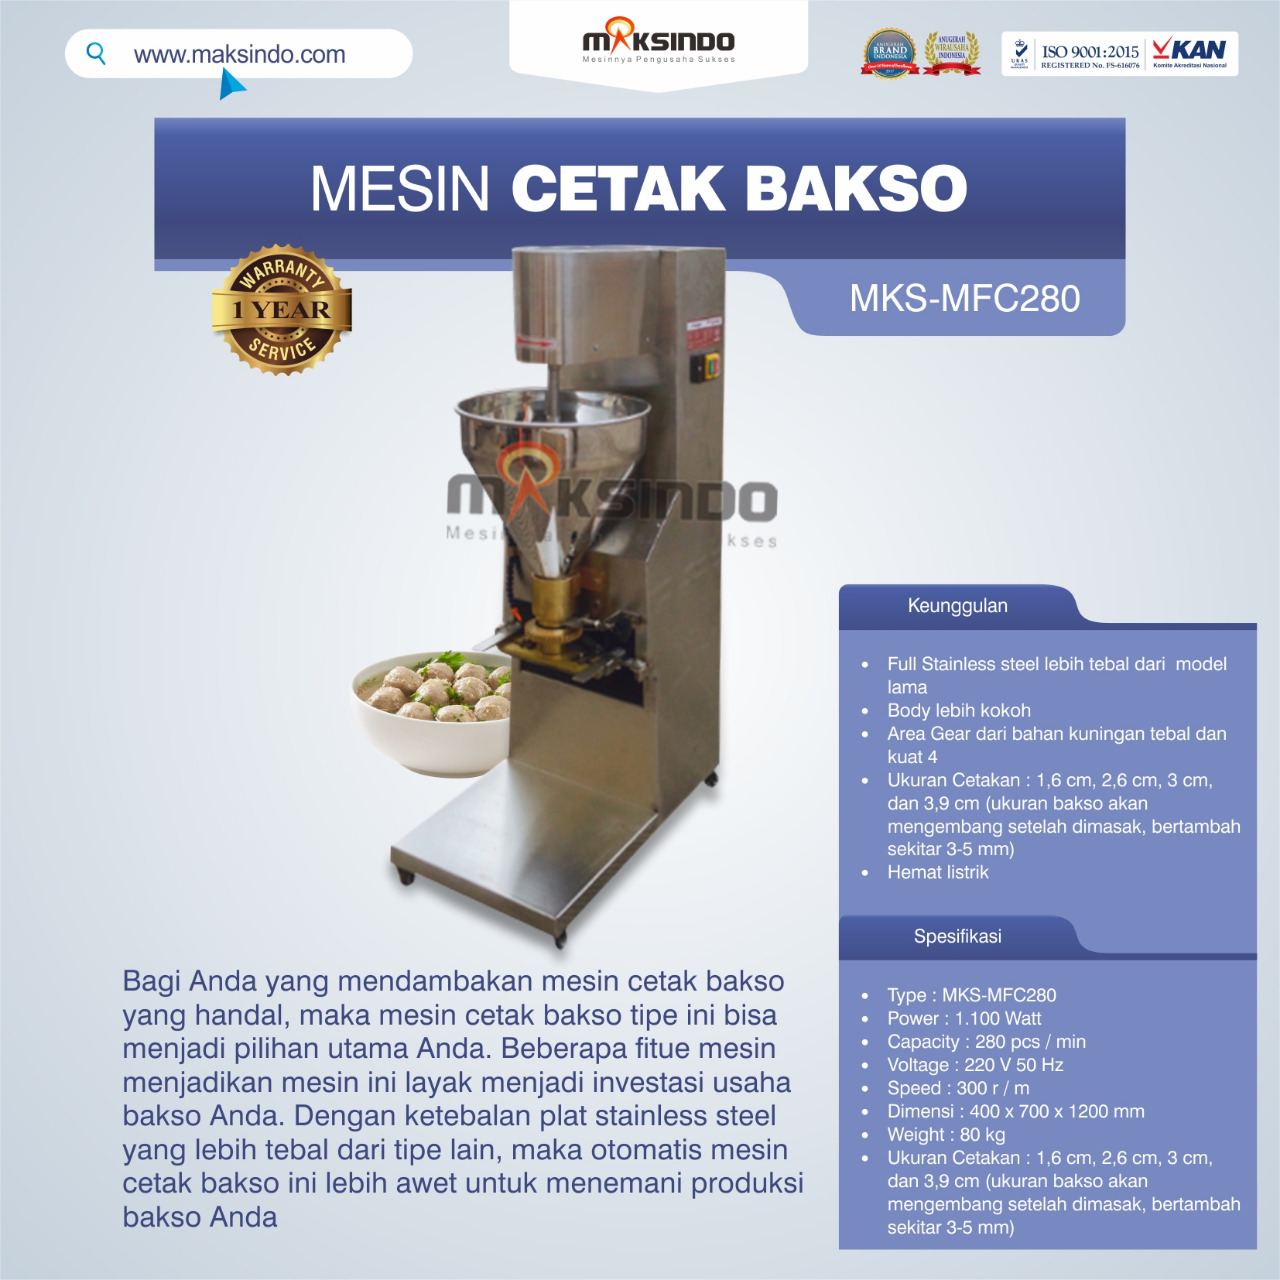 Jual Mesin Cetak Bakso MKS-MFC280 di Tangerang